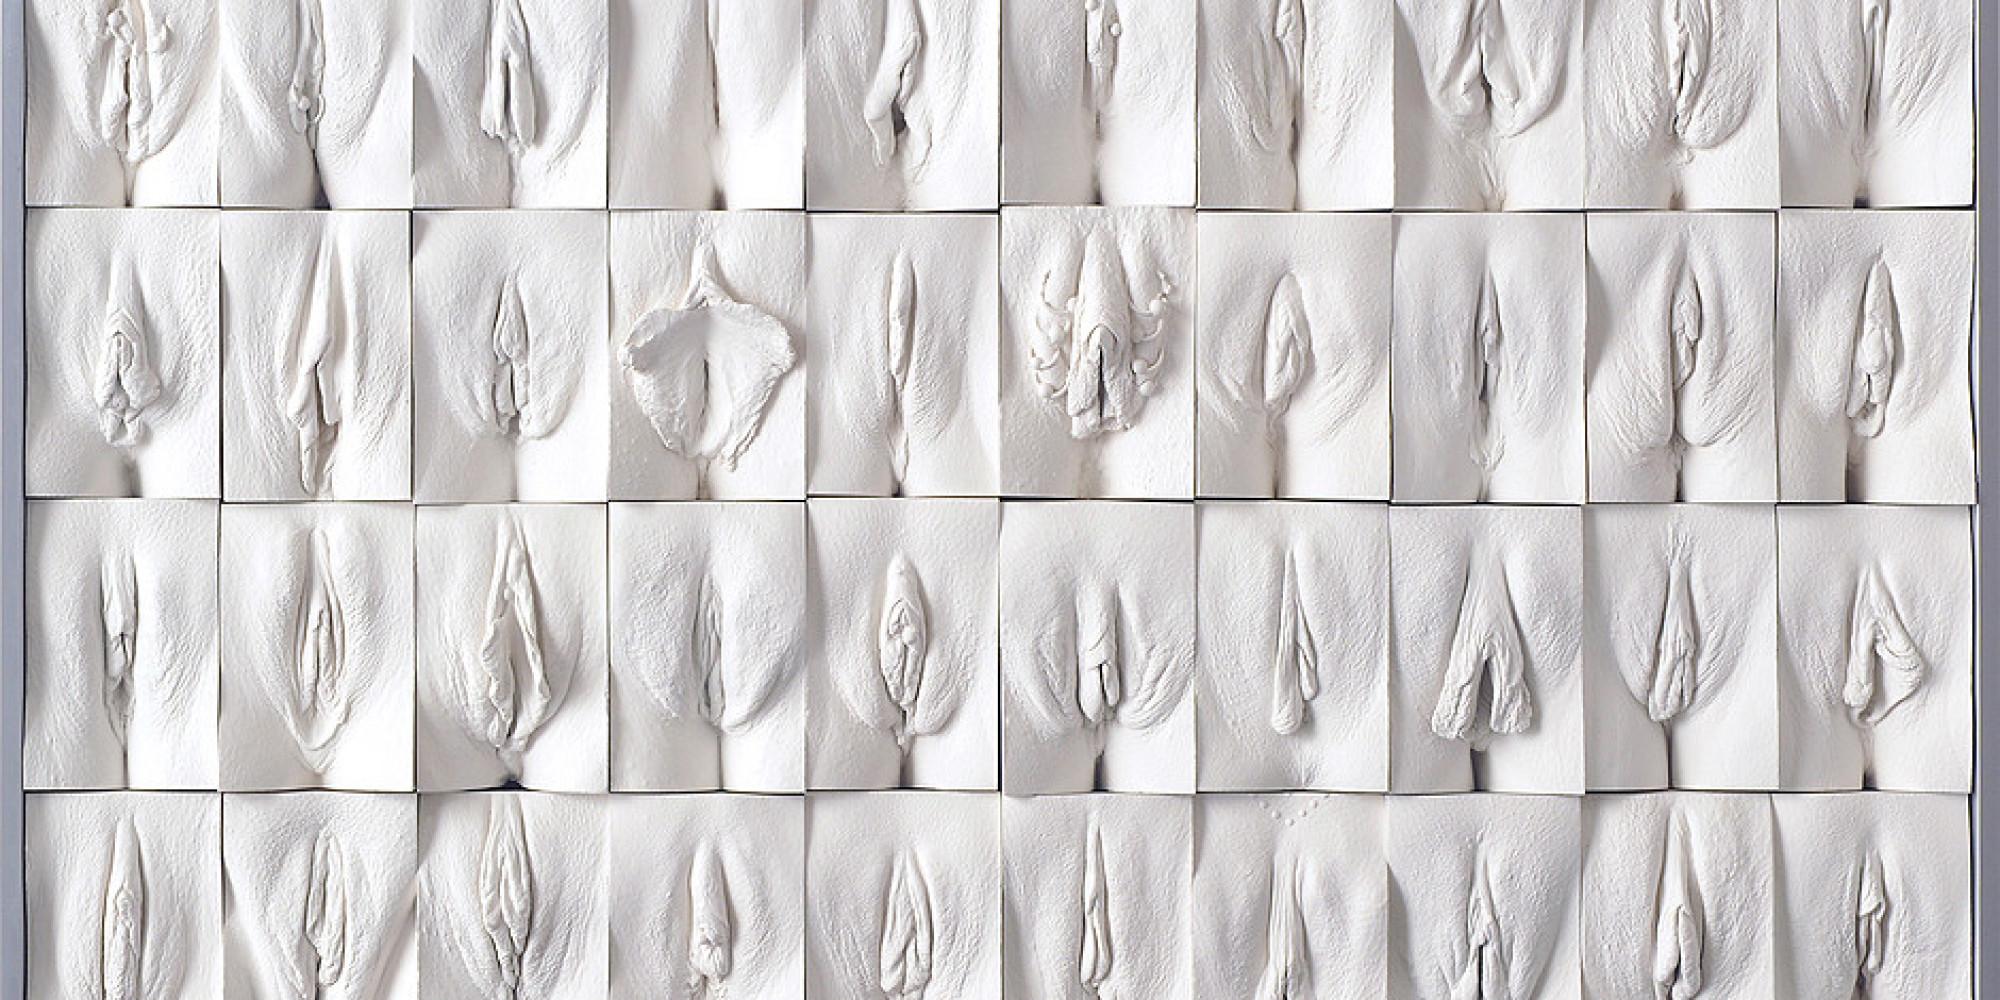 Типы женских вагин с фото 11 фотография